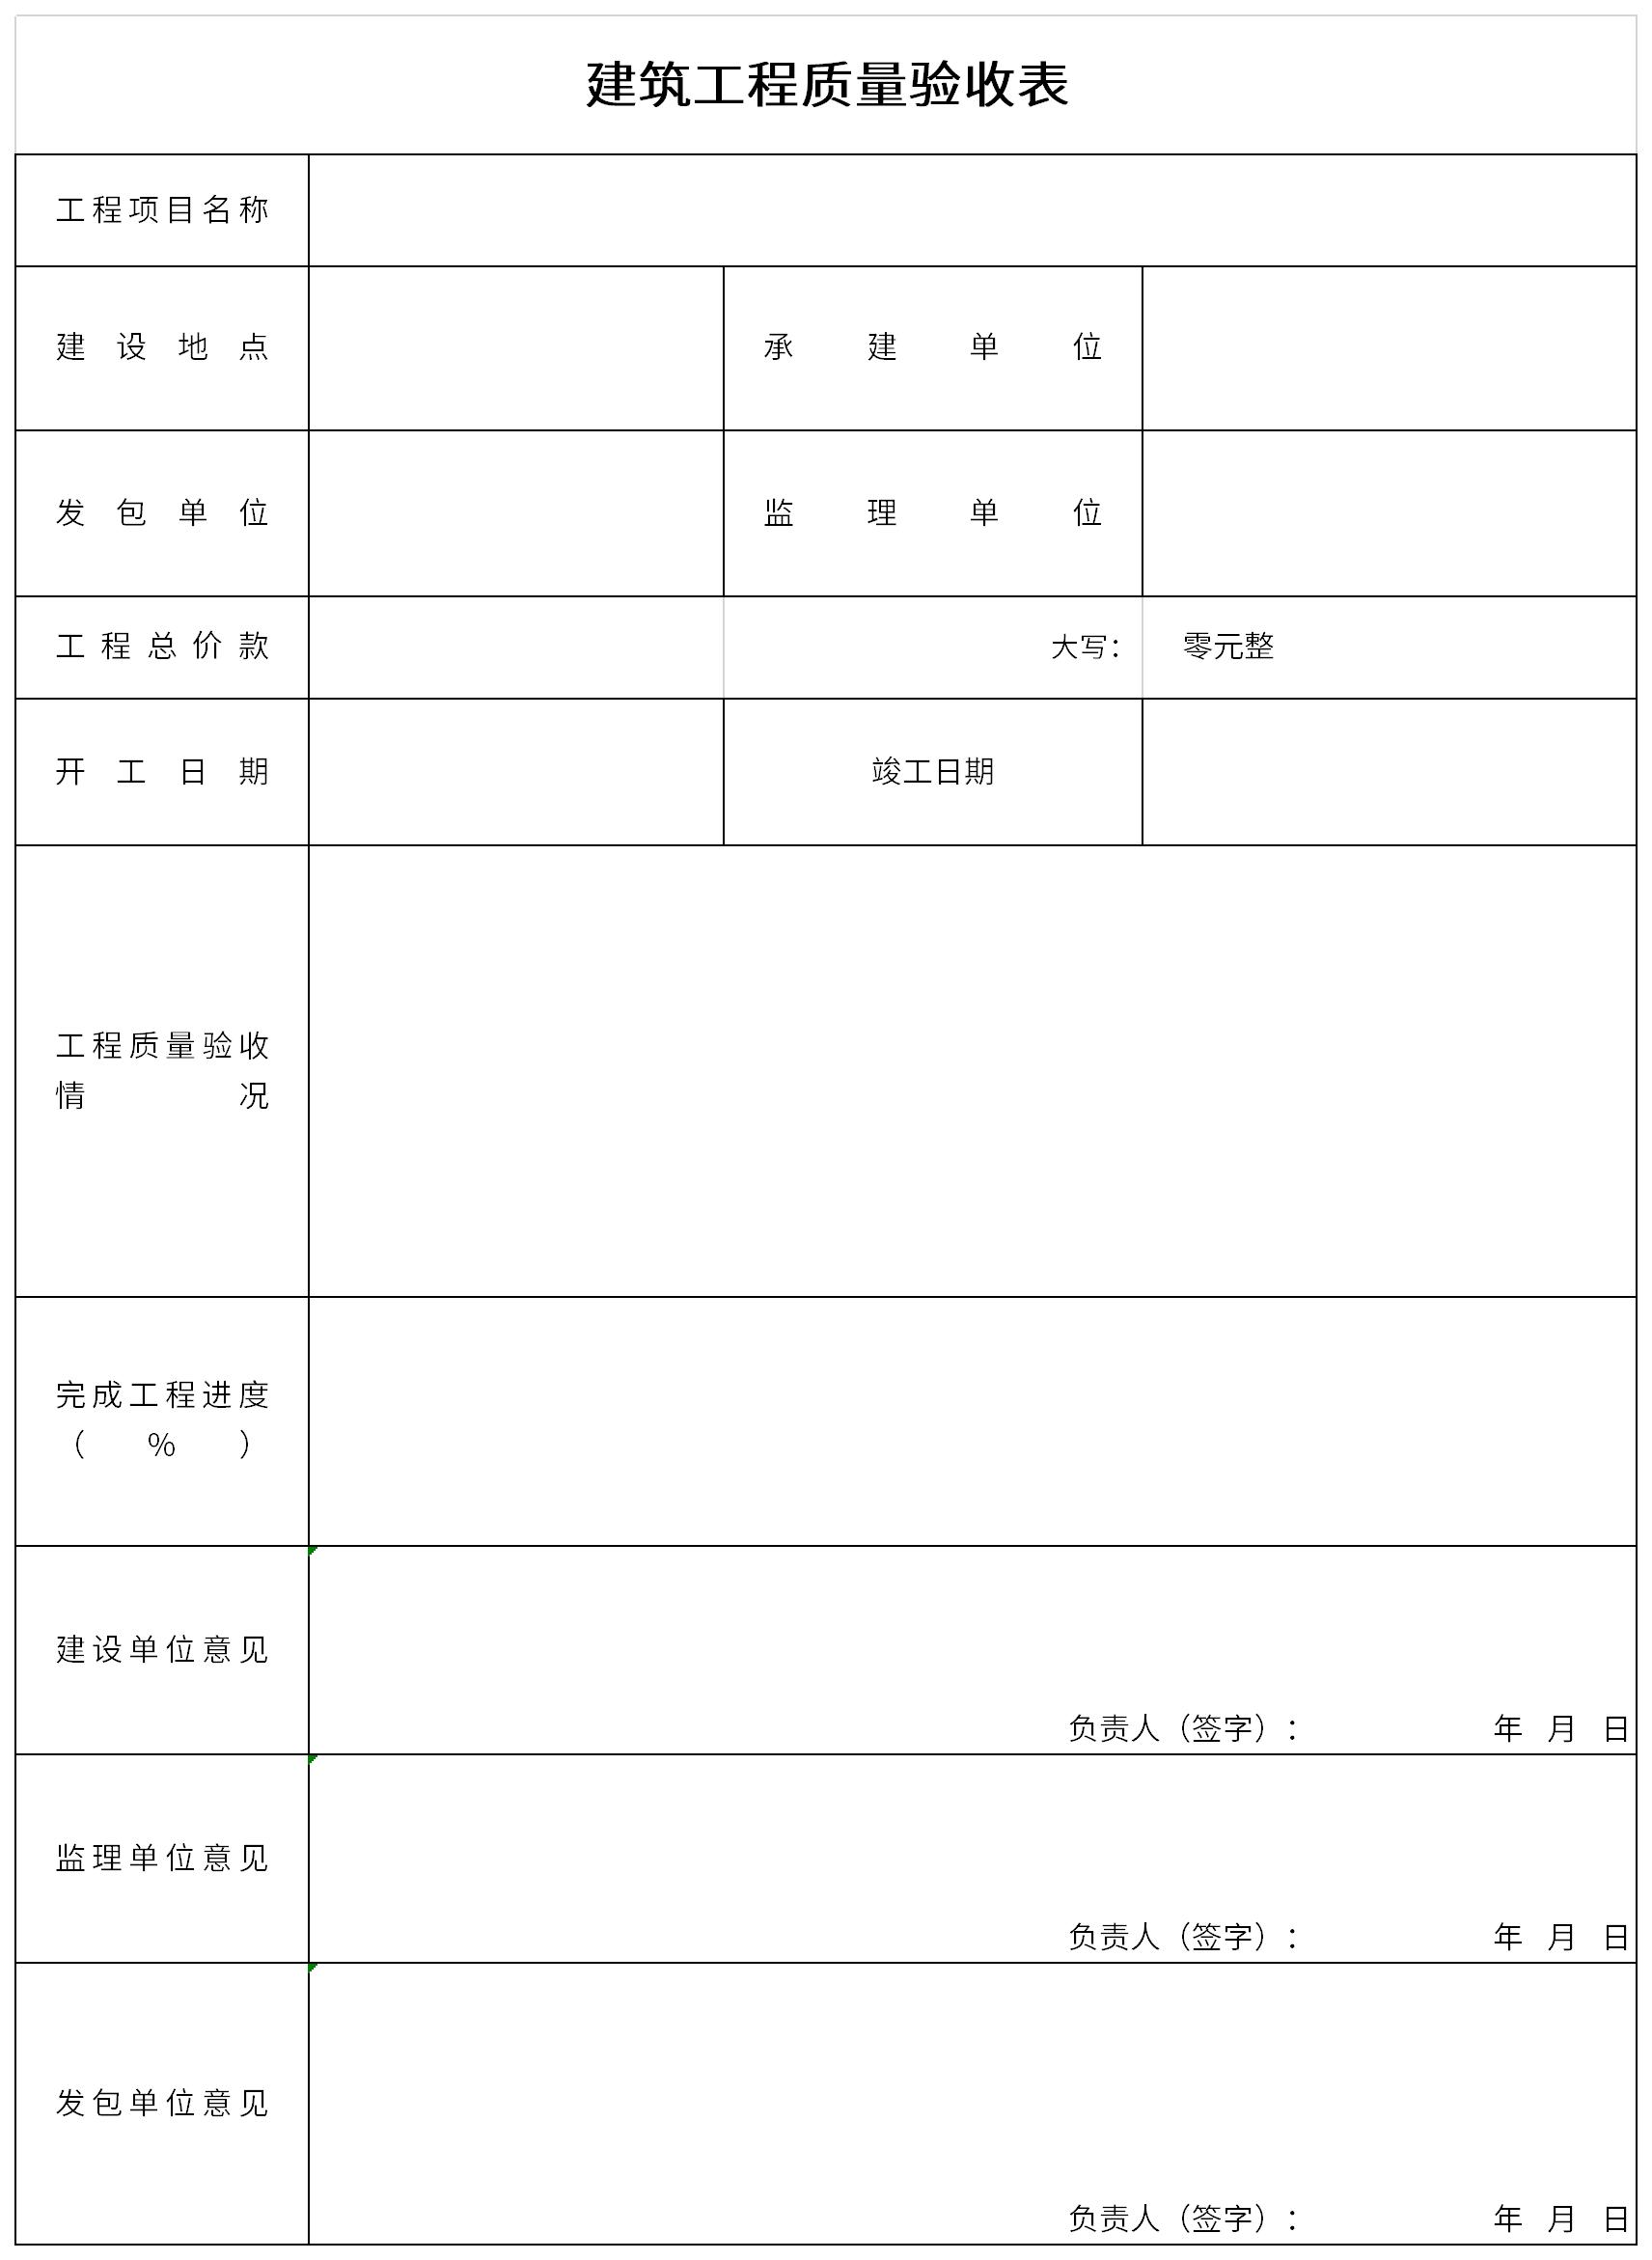 建筑工程质量验收表截图